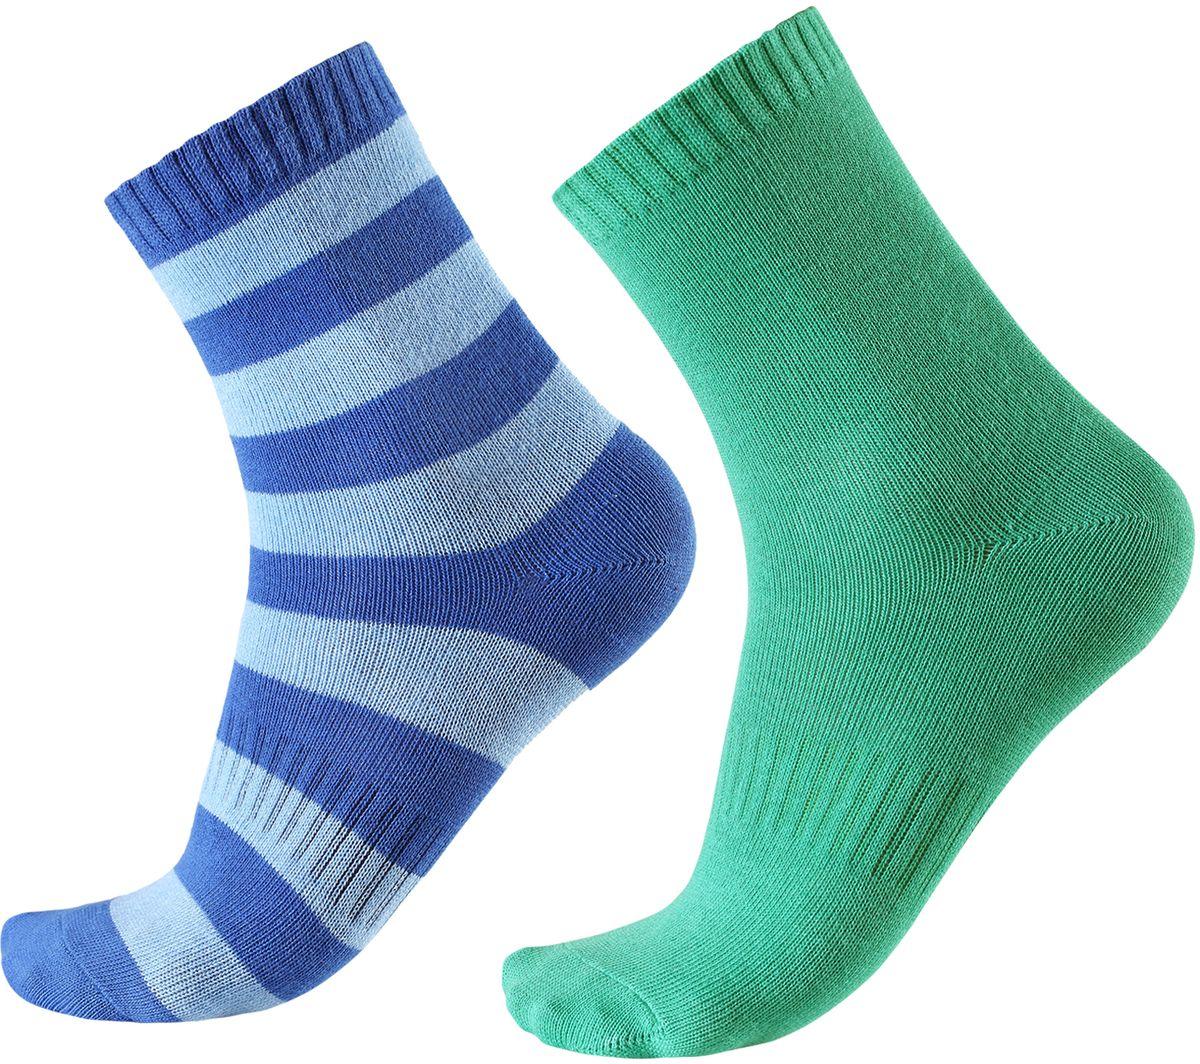 Носки детские Reima Colombo, цвет: зеленый, синий, голубой. 527267-6530. Размер 30/33527267-6530В носках из смеси Coolmax детским ножкам будет тепло и уютно. Смесь Coolmax с хлопком превосходно подходит для занятий спортом и подвижных игр на свежем воздухе, поскольку эффективно выводит влагу с кожи и не вызывает потливости. Этот материал дышит и быстро сохнет. Легкая летняя модель без ворсового усиления.